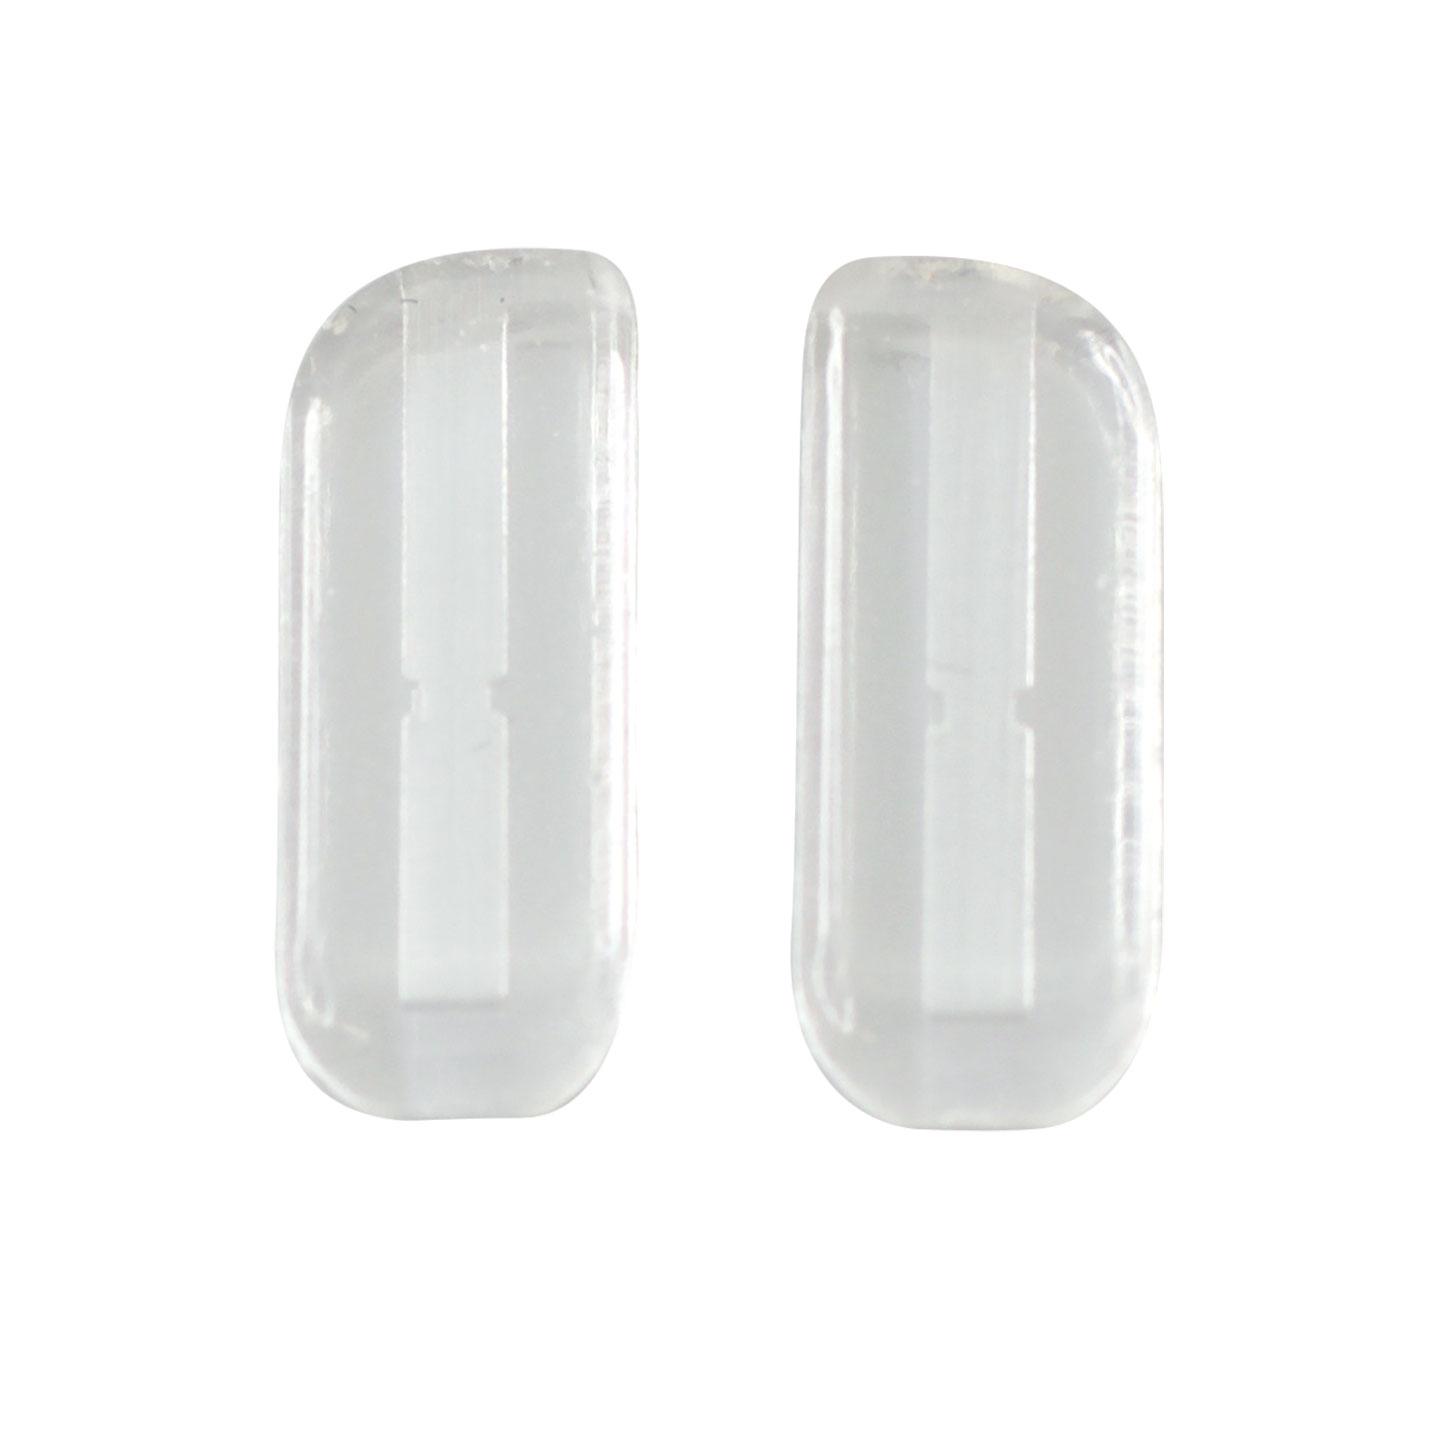 Plaquettes nasales baïonnette en silicone